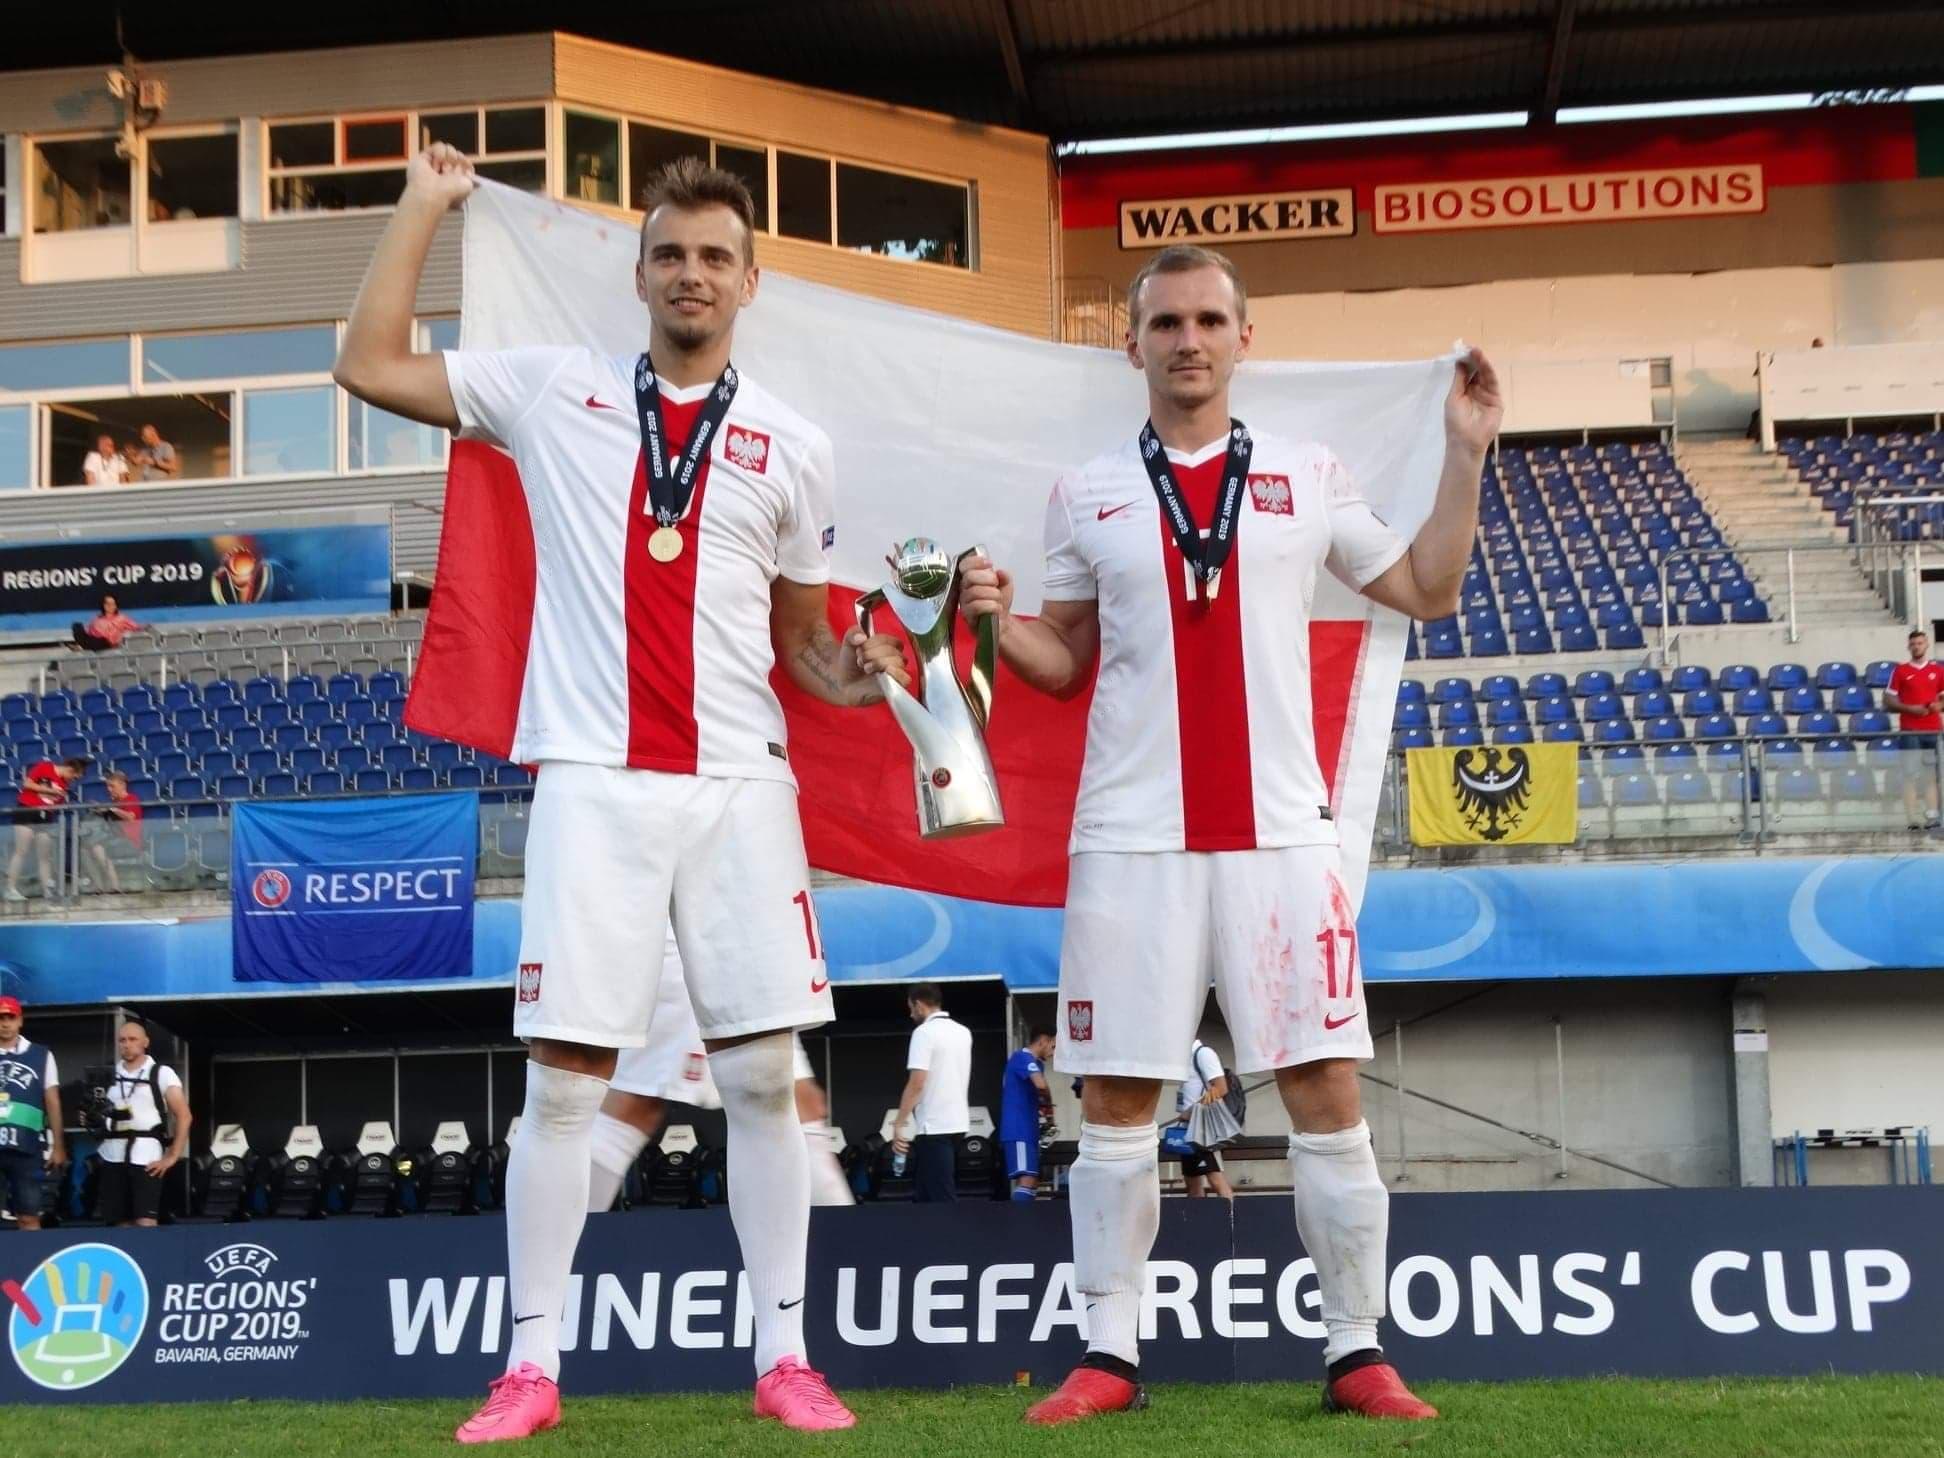 Mieszkaniec Gryfowa Śląskiego mistrzem Europy!! UEFA Regions' Cup 2019 w Bawarii.